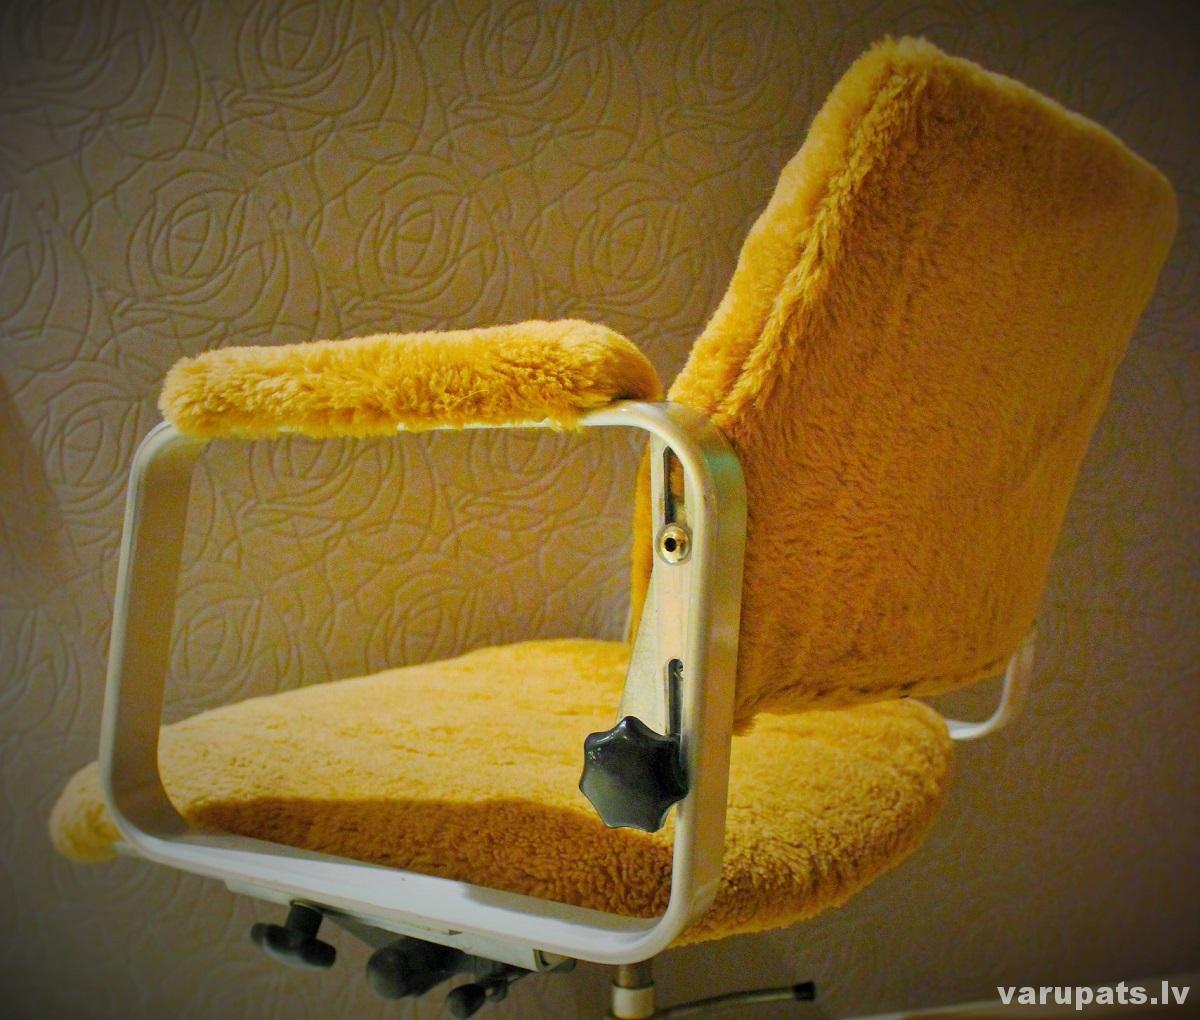 pārvilkt aofisa krēslu, ofisa krēsls, audumu pārvilkt krēslam